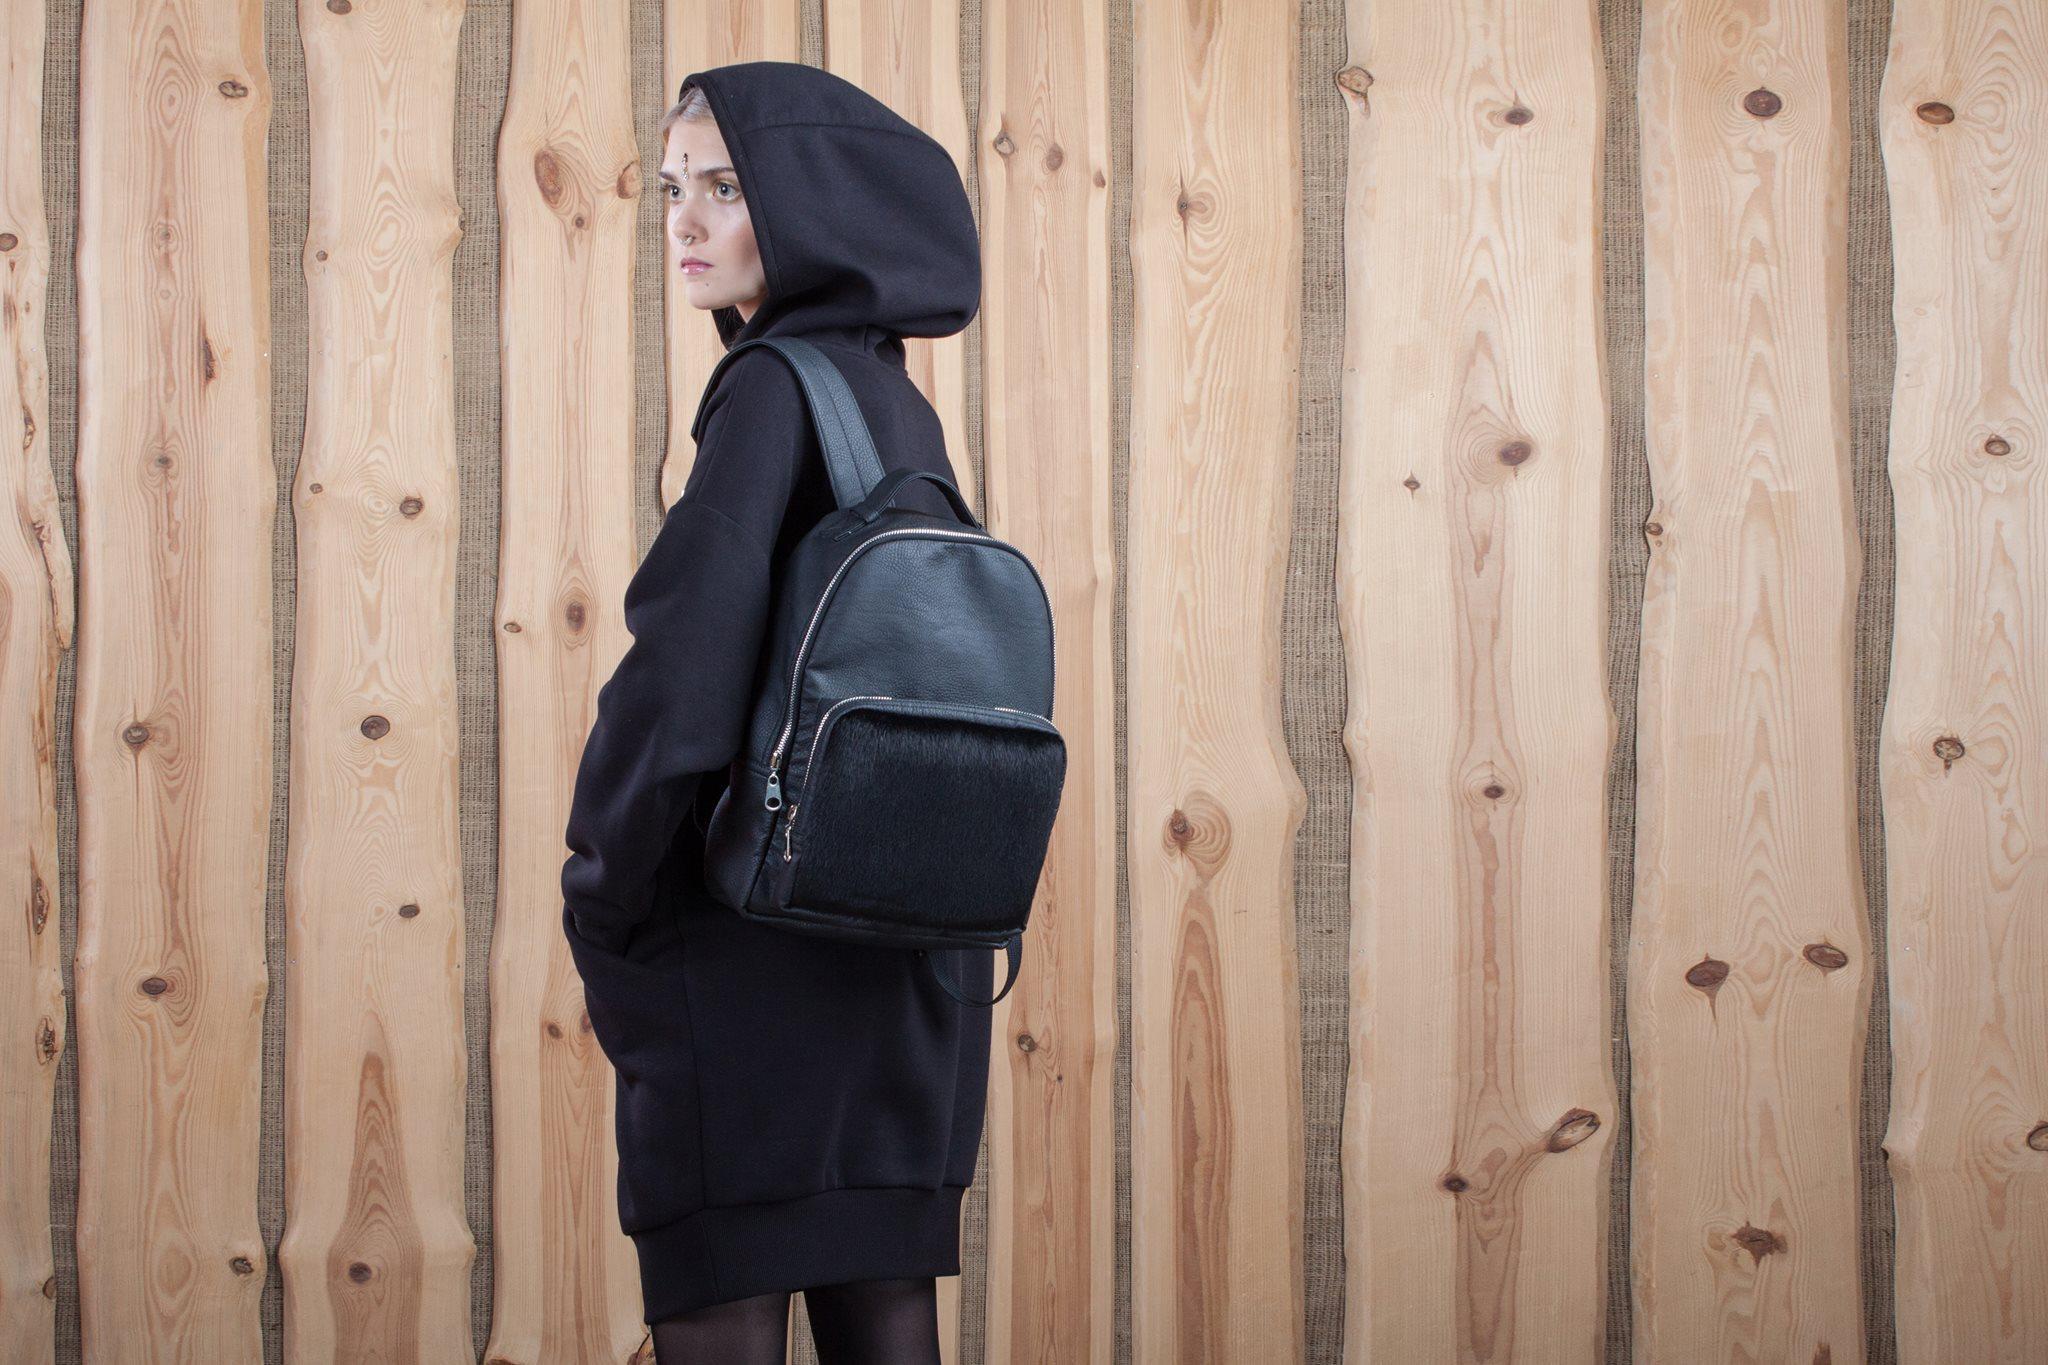 Рюкзак украинских дизайнеров для каждого, кто желает получить особый стиль и модных аксессуар к своему облику.